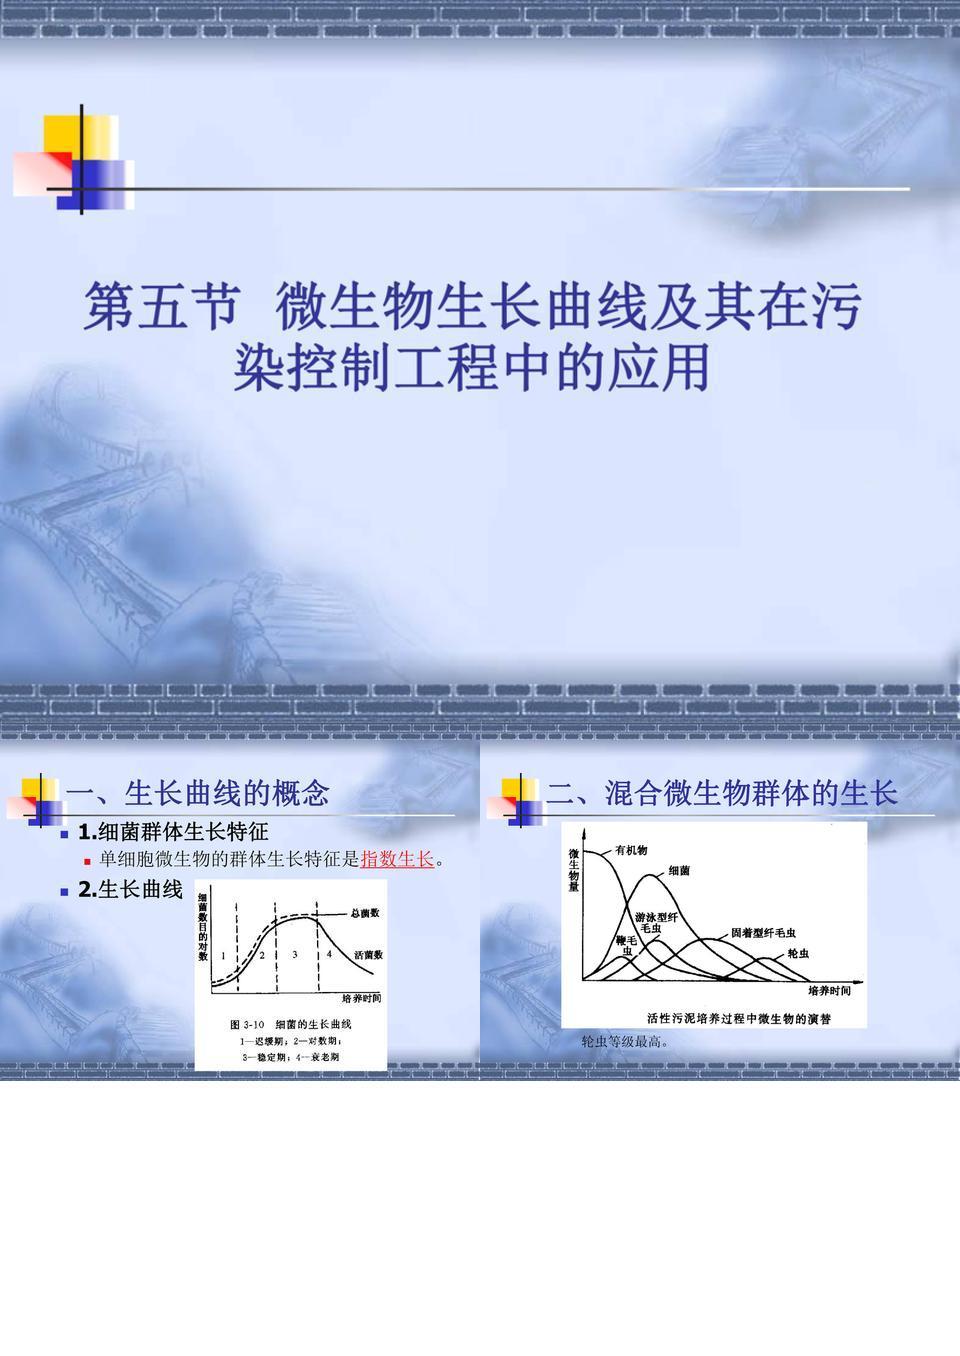 污染控制(第三章-3).ppt